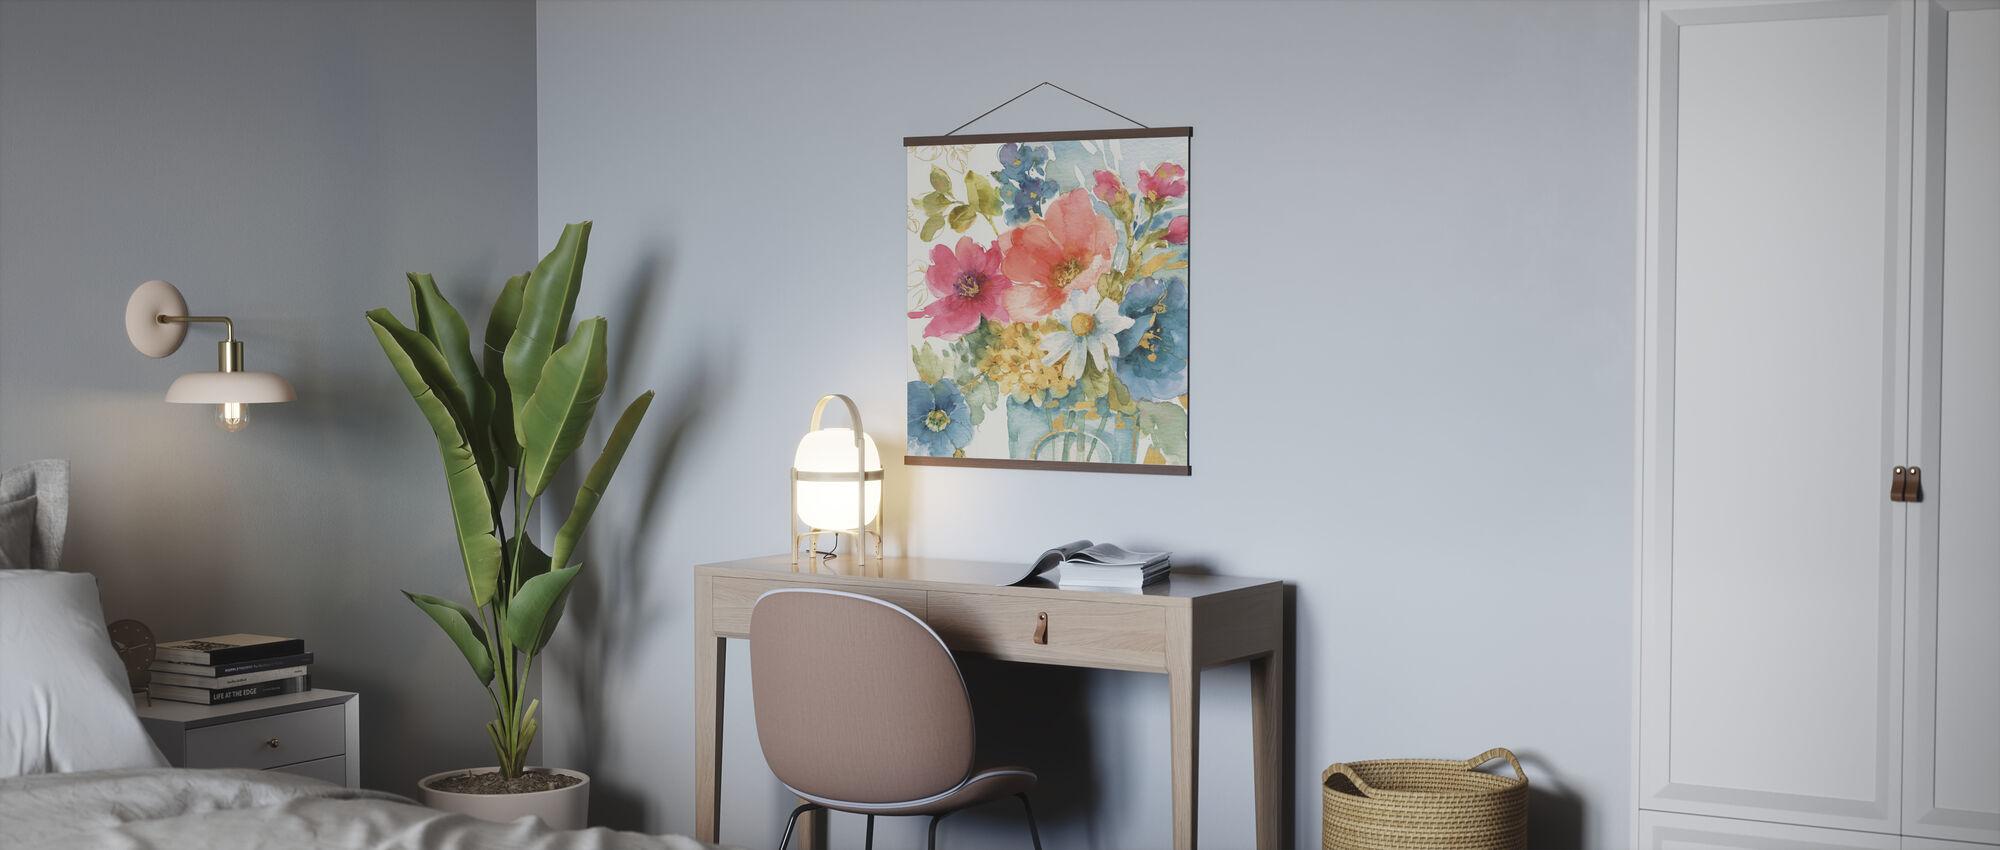 My Garden Bouquet - Poster - Office